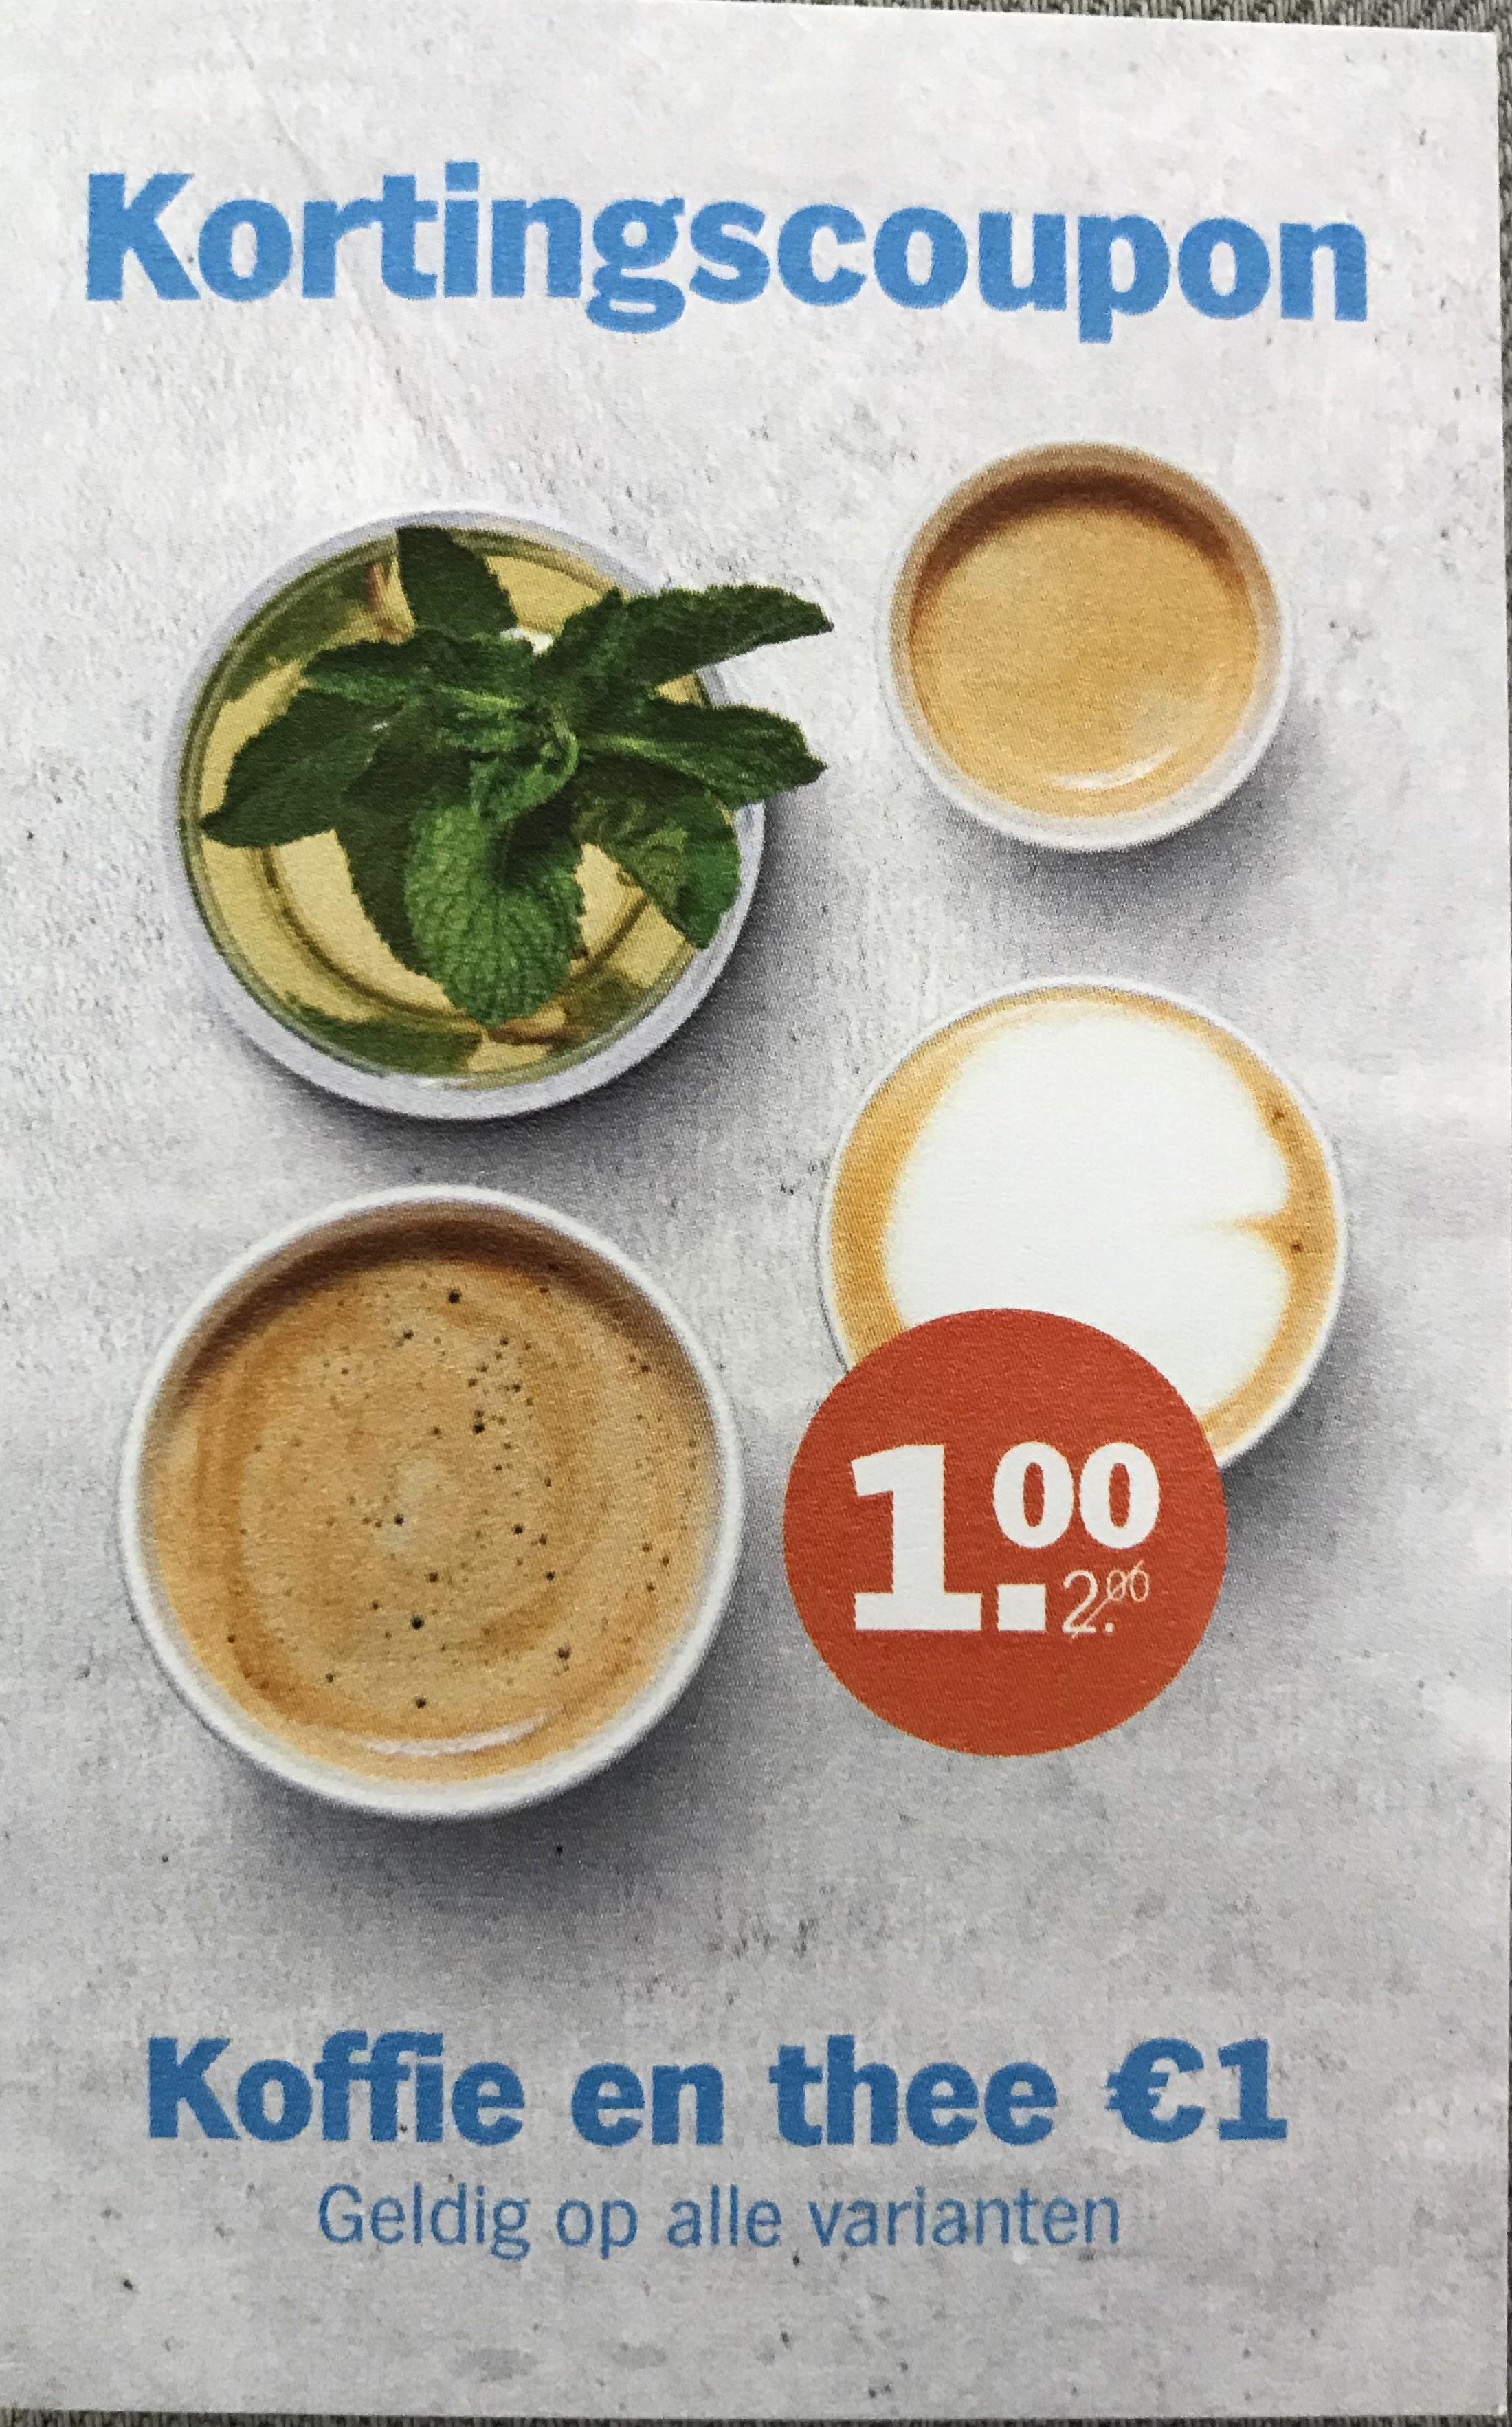 €1 Alle formaten koffie & thee bij AH